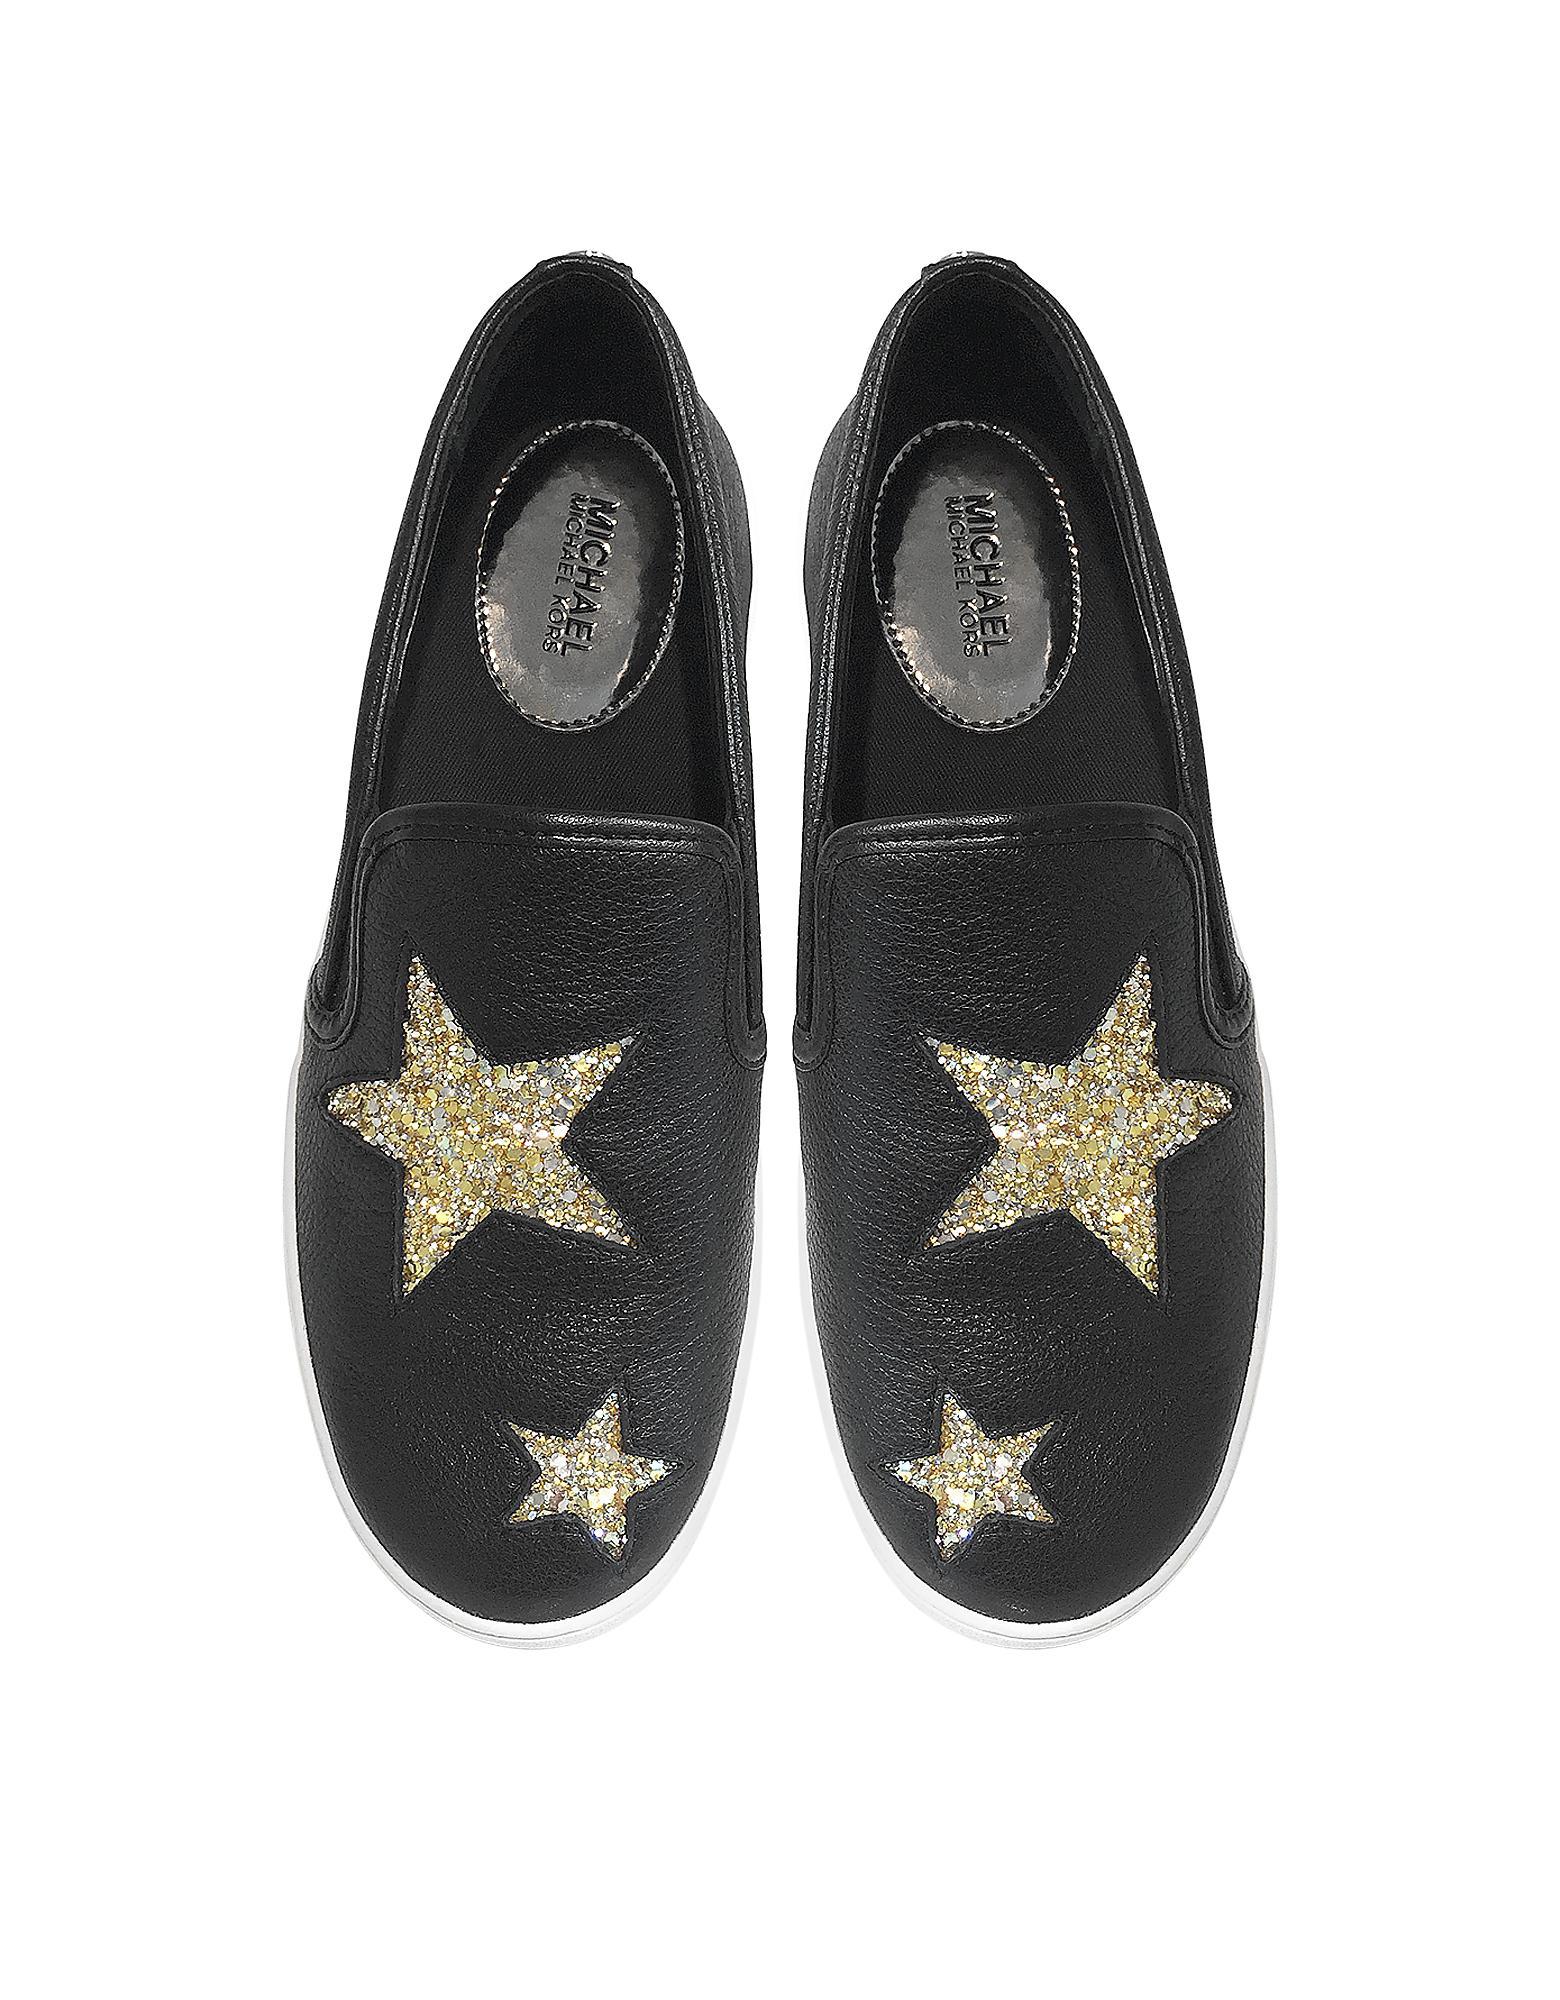 ddfdb119515ac Michael Kors Black Tumbled Leather W golden Glitter Stars Pia Slip ...